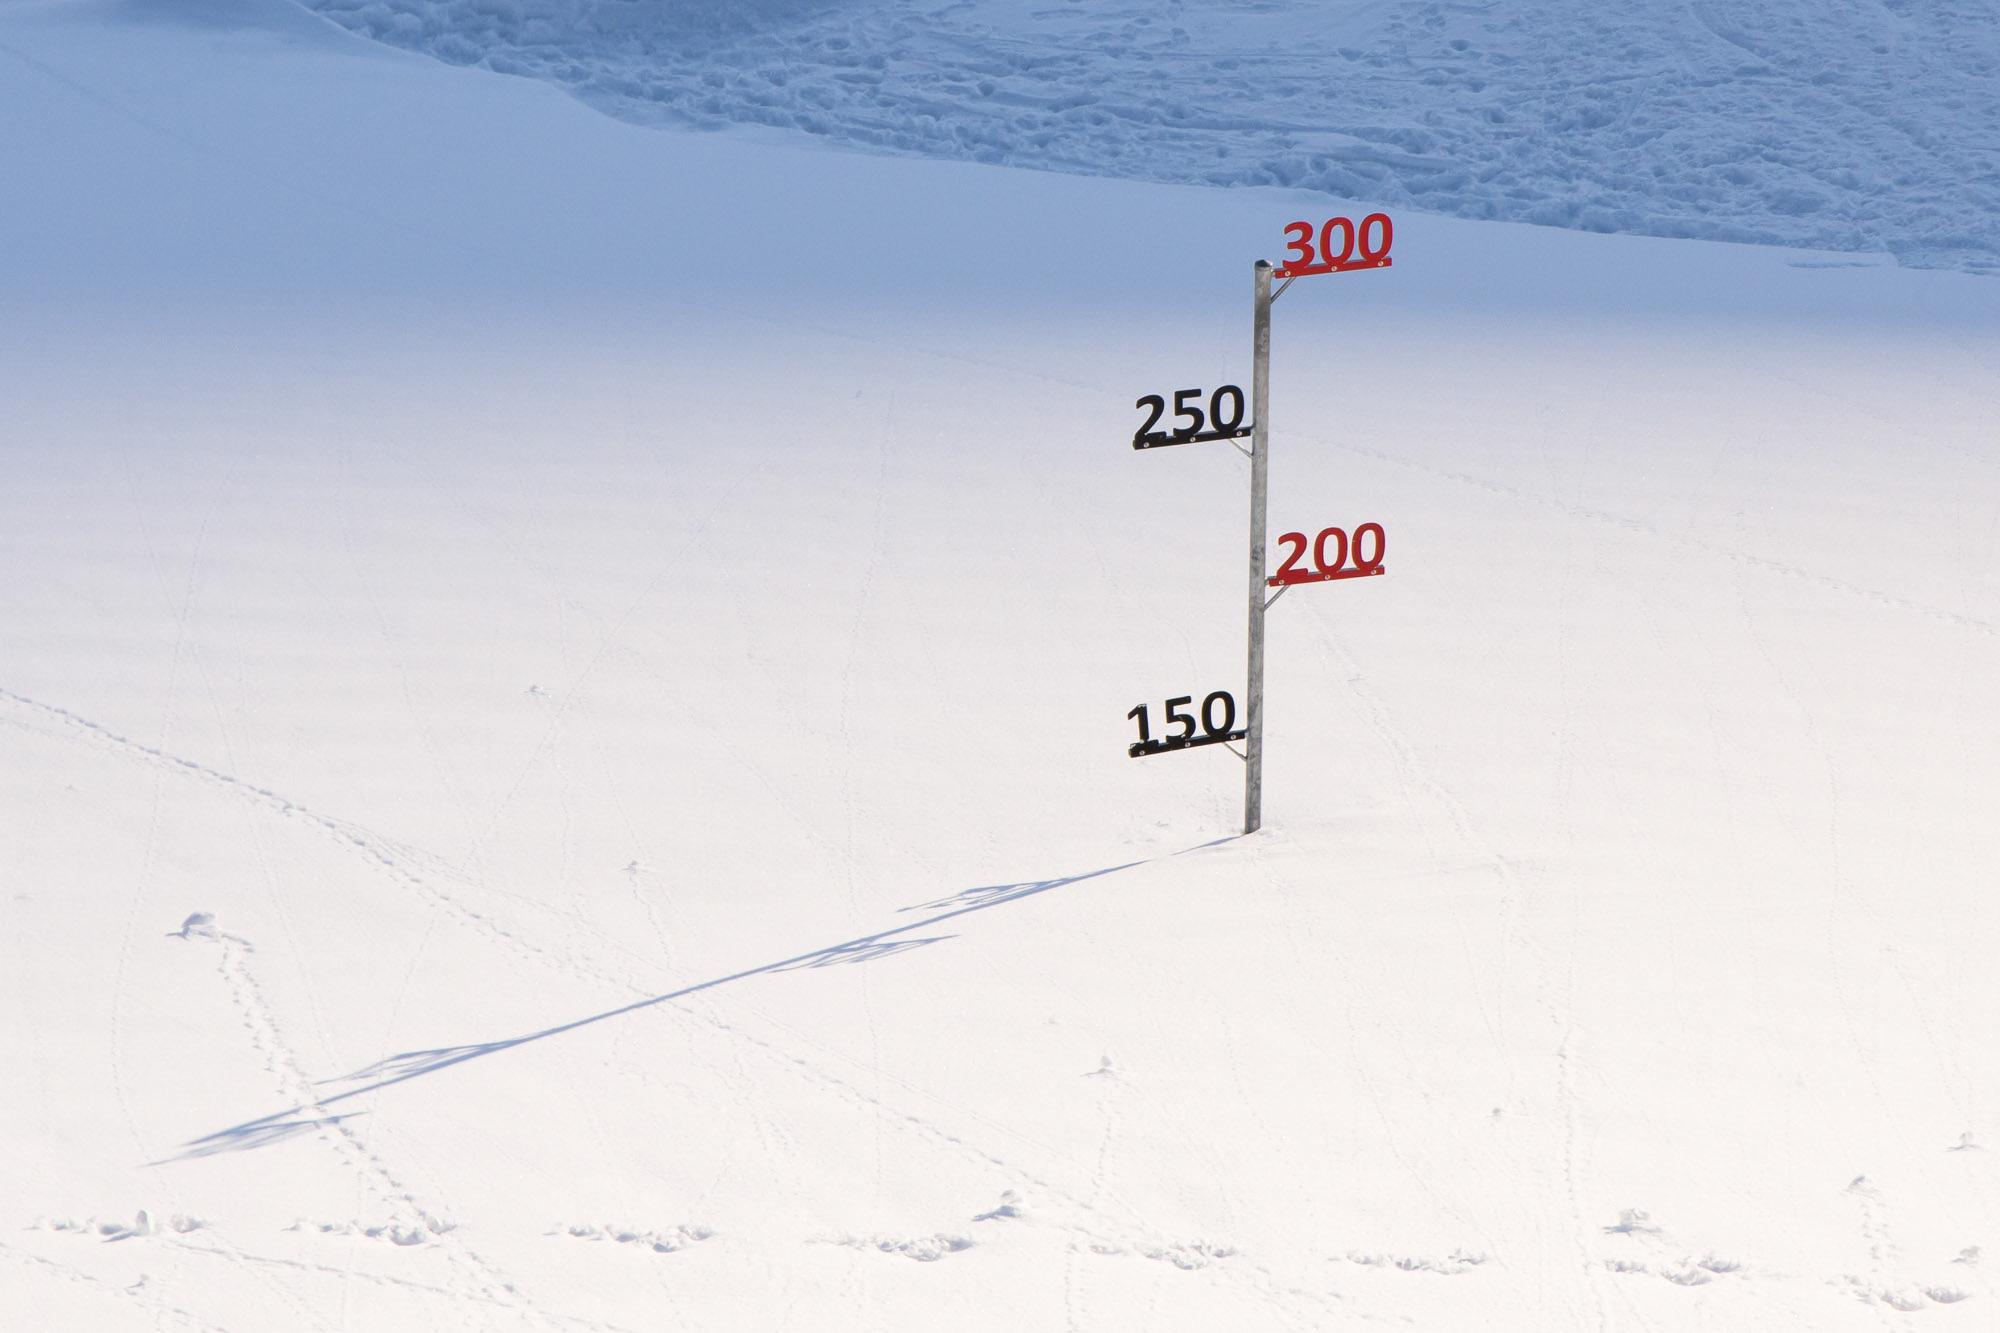 die Sprache der Zahlen in eisernen Lettern im weichen Schnee :)